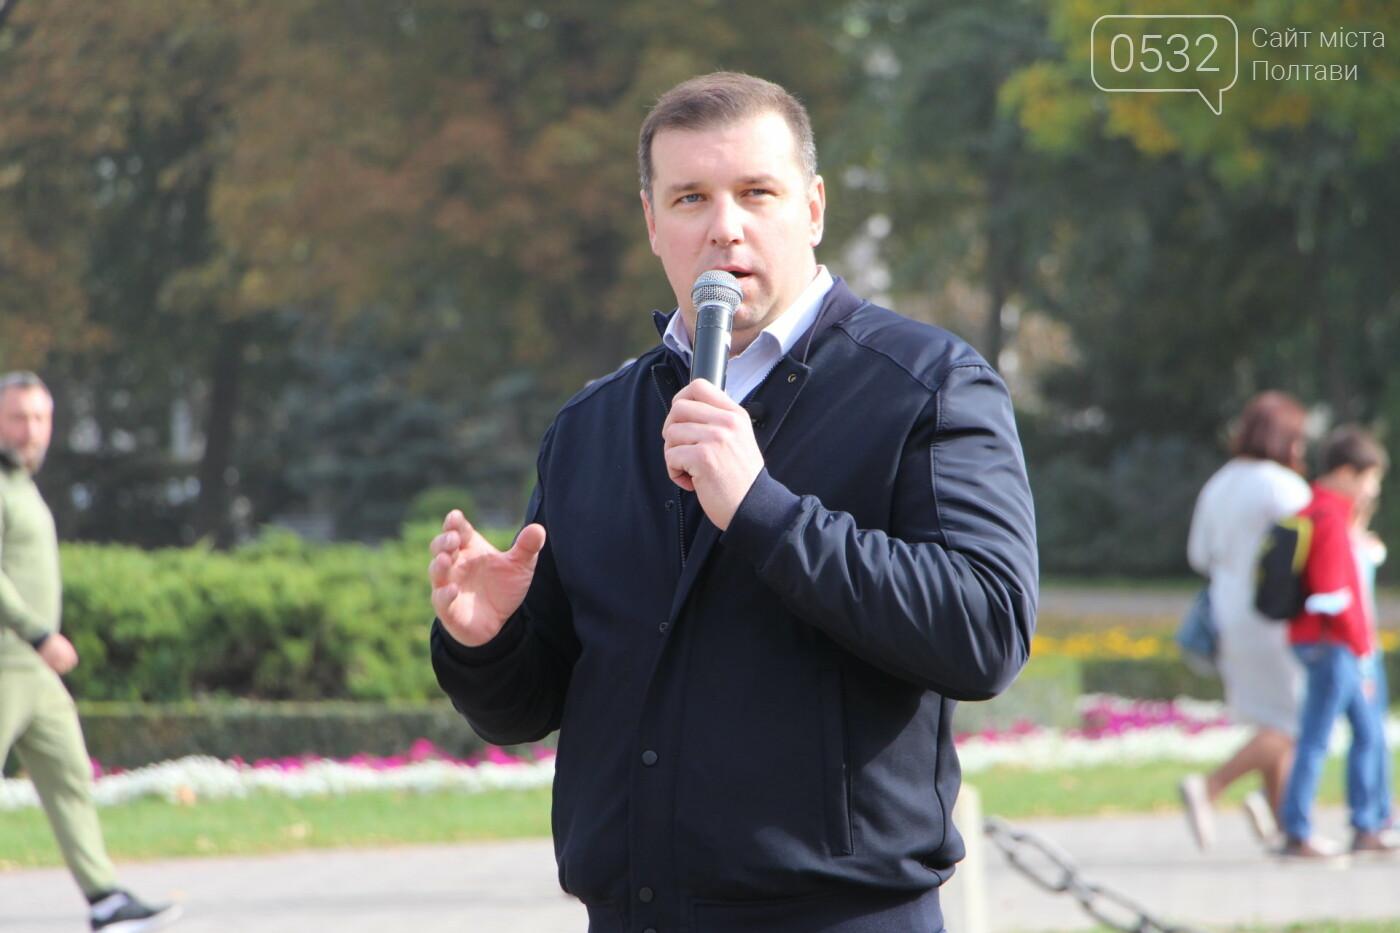 """Полтава вийшла проти """"червоної"""" зони: скільки людей і чого вимагають (ФОТОРЕПОРТАЖ), фото-10"""